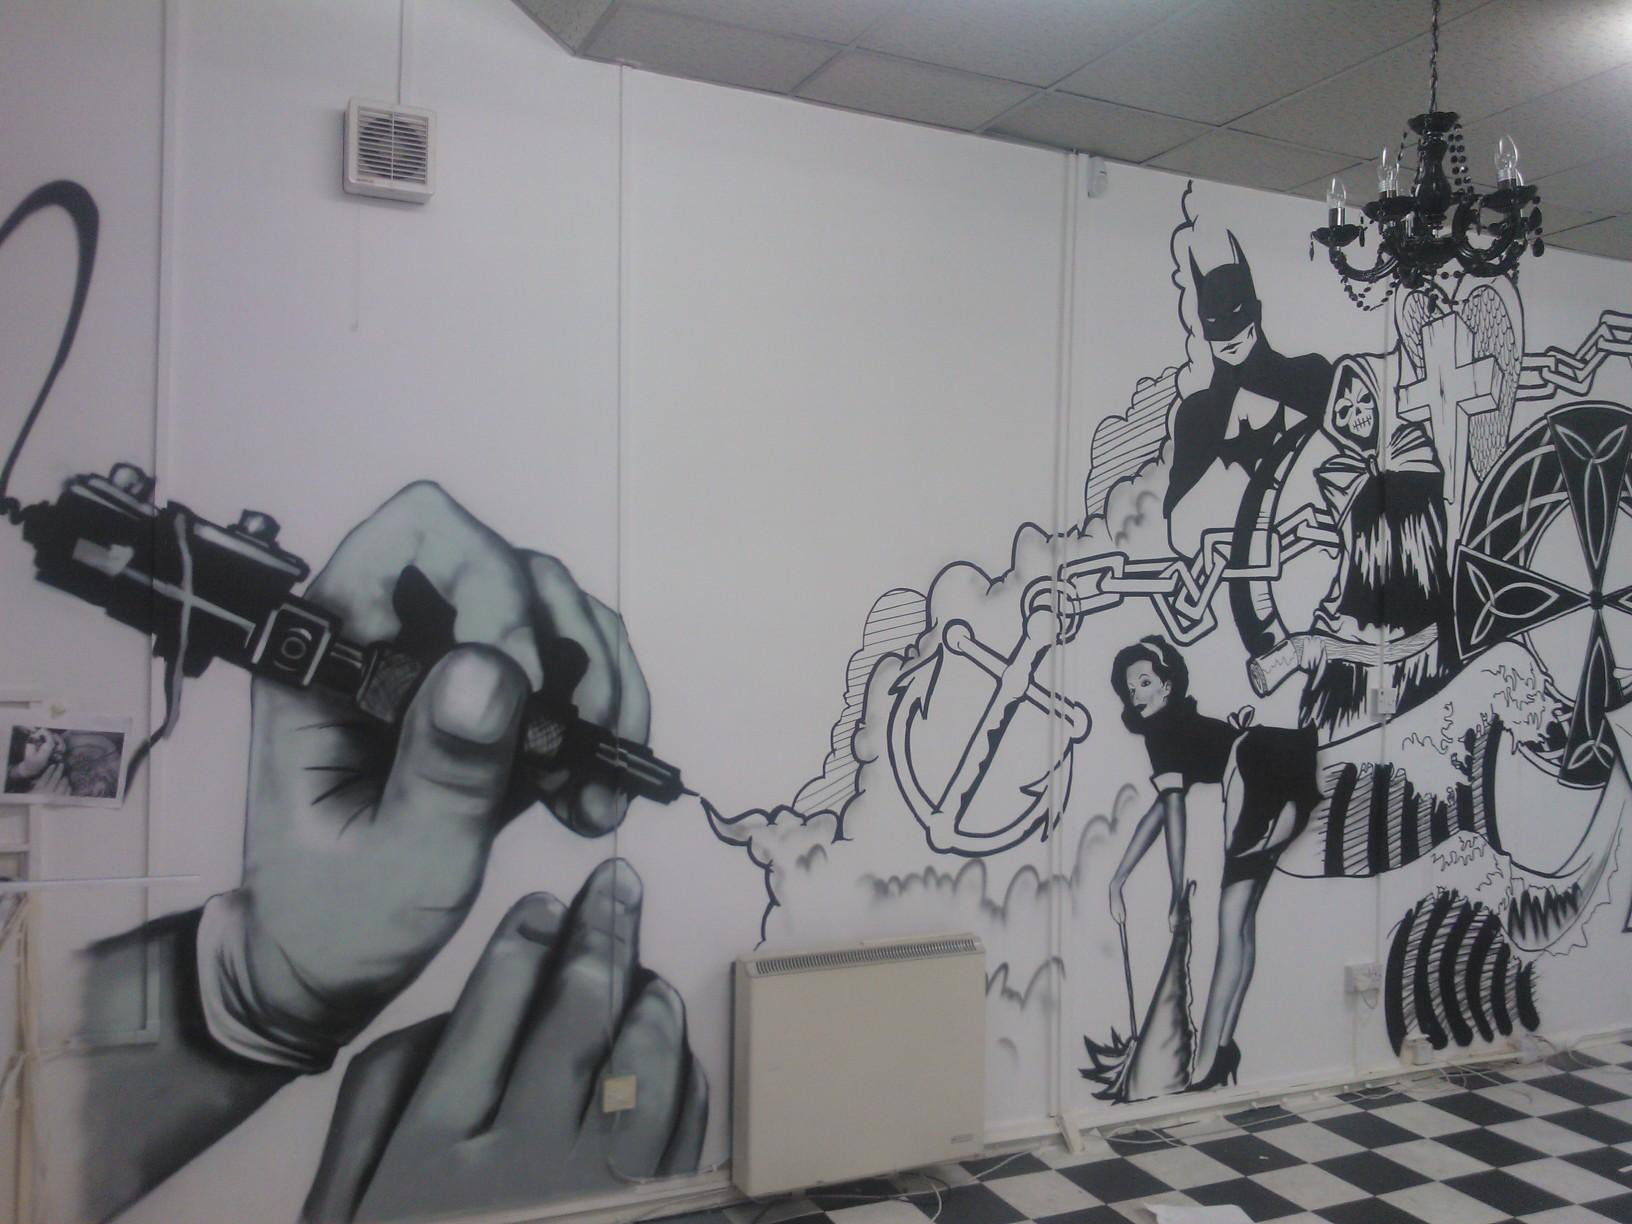 Graffiti Press Graffiti Street Art News From Around